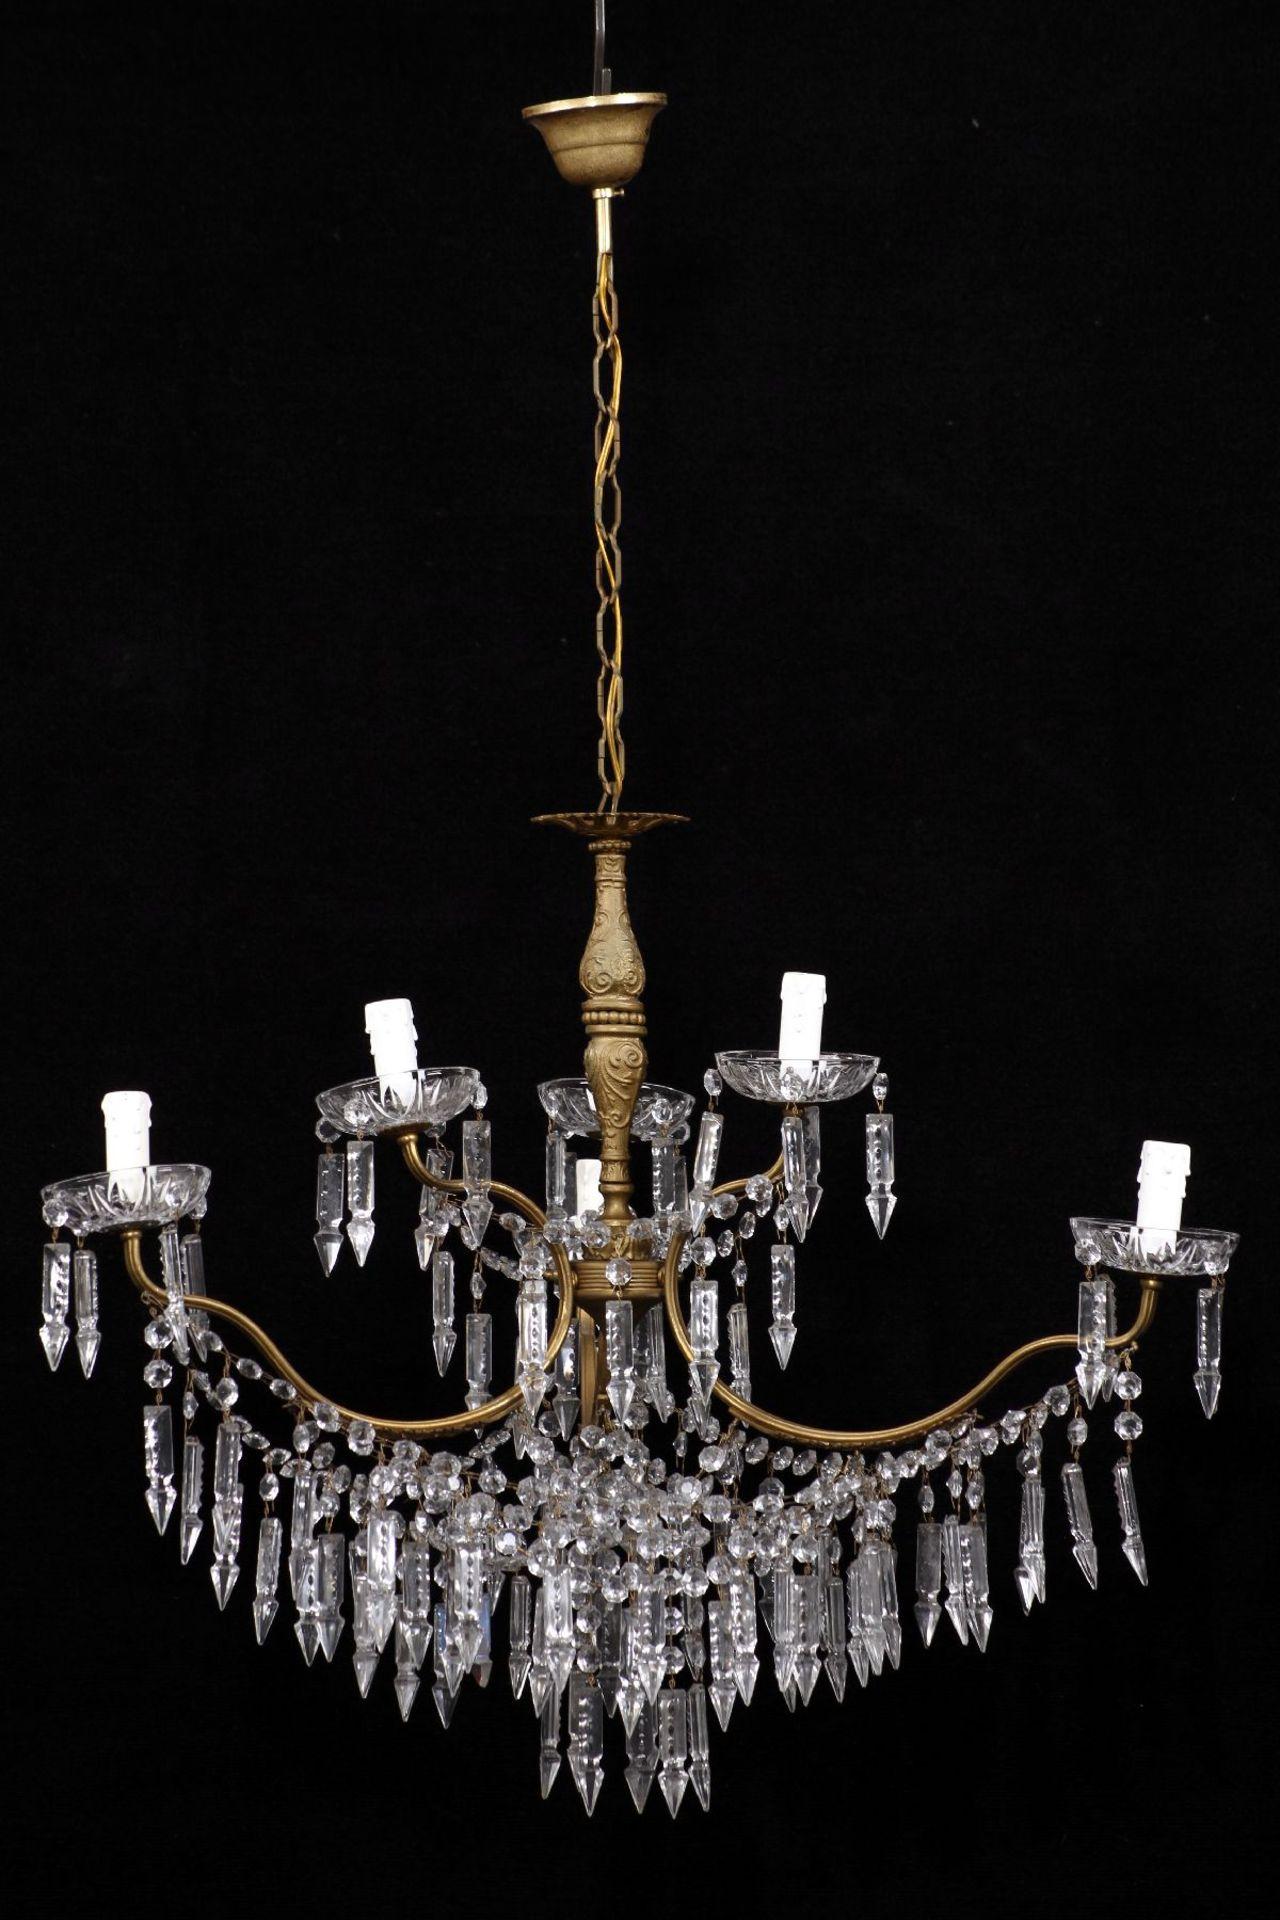 Kristallleuchter, Metallkorpus mit floralen Verzierungen